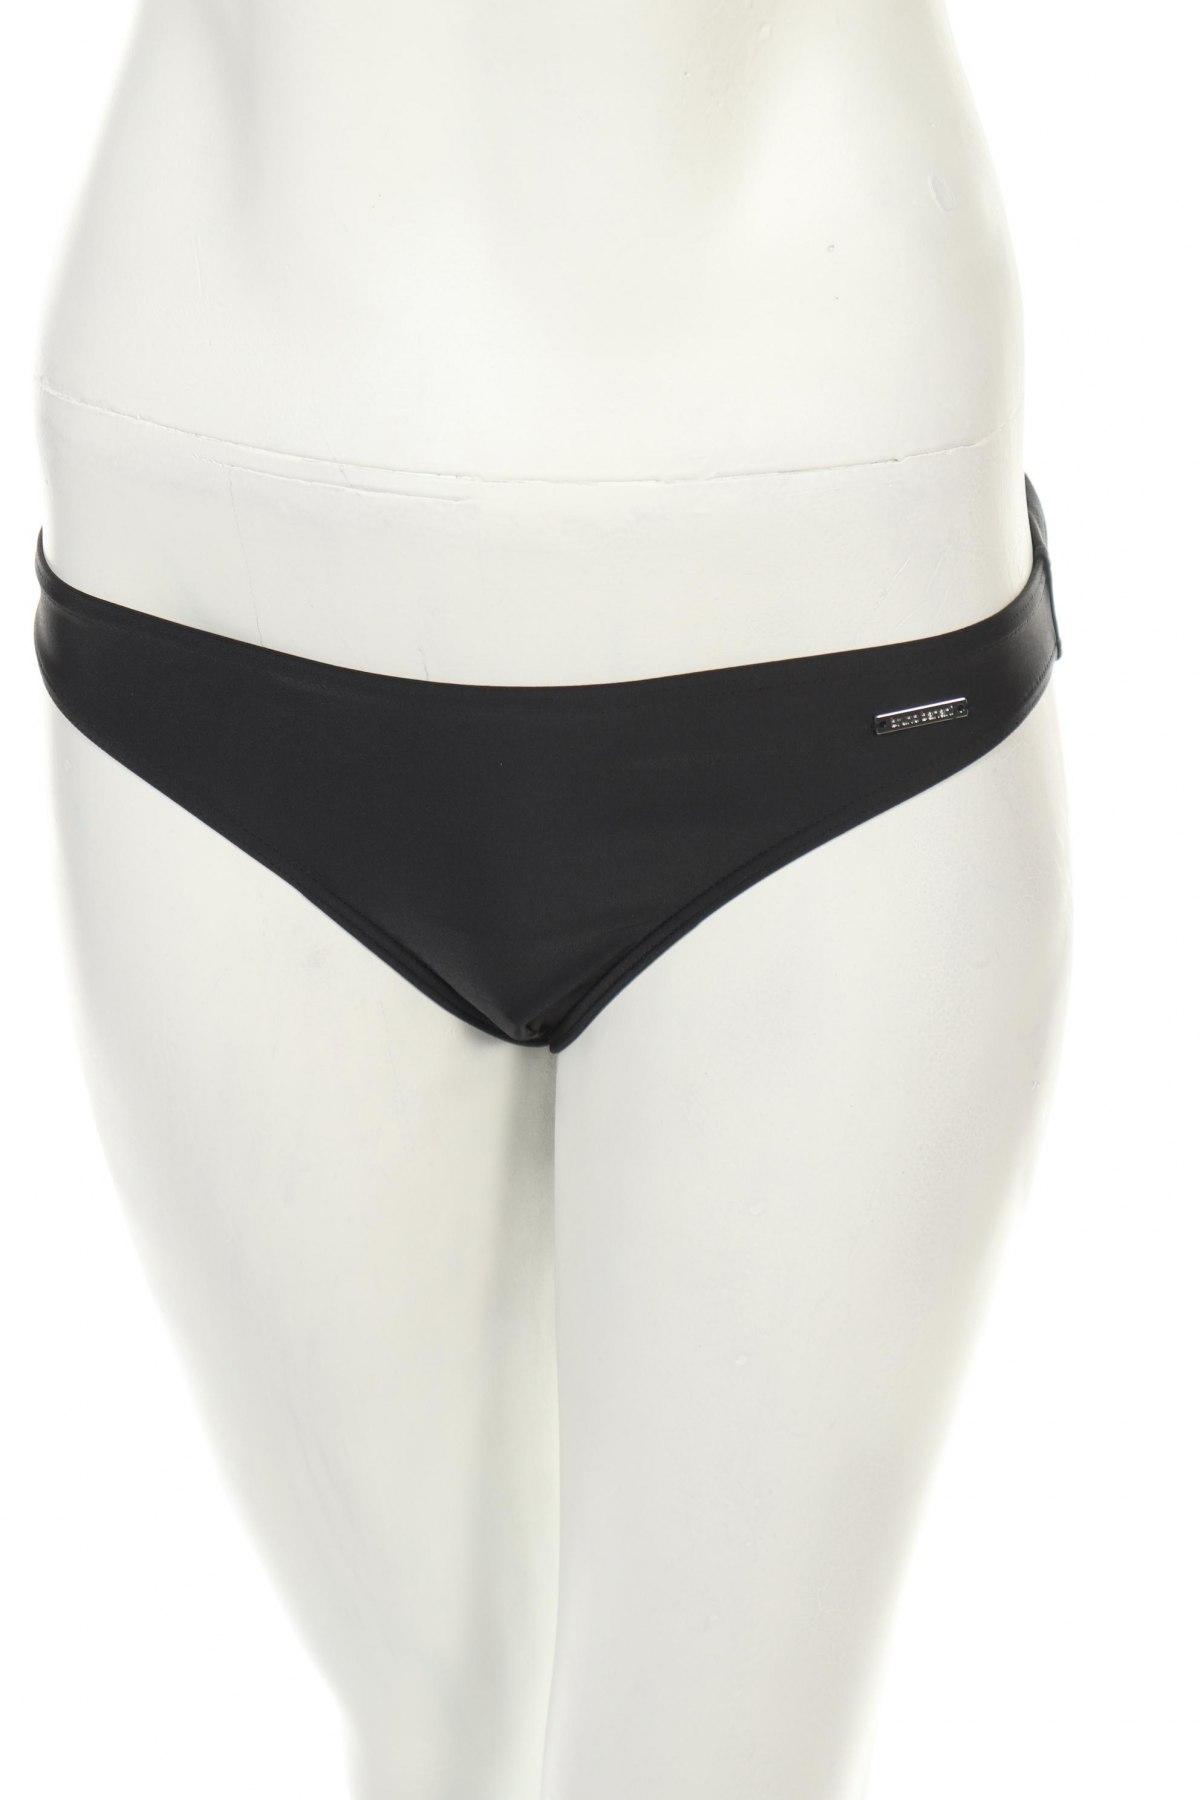 Дамски бански Bruno Banani, Размер XS, Цвят Черен, 100% полиамид, Цена 29,25лв.